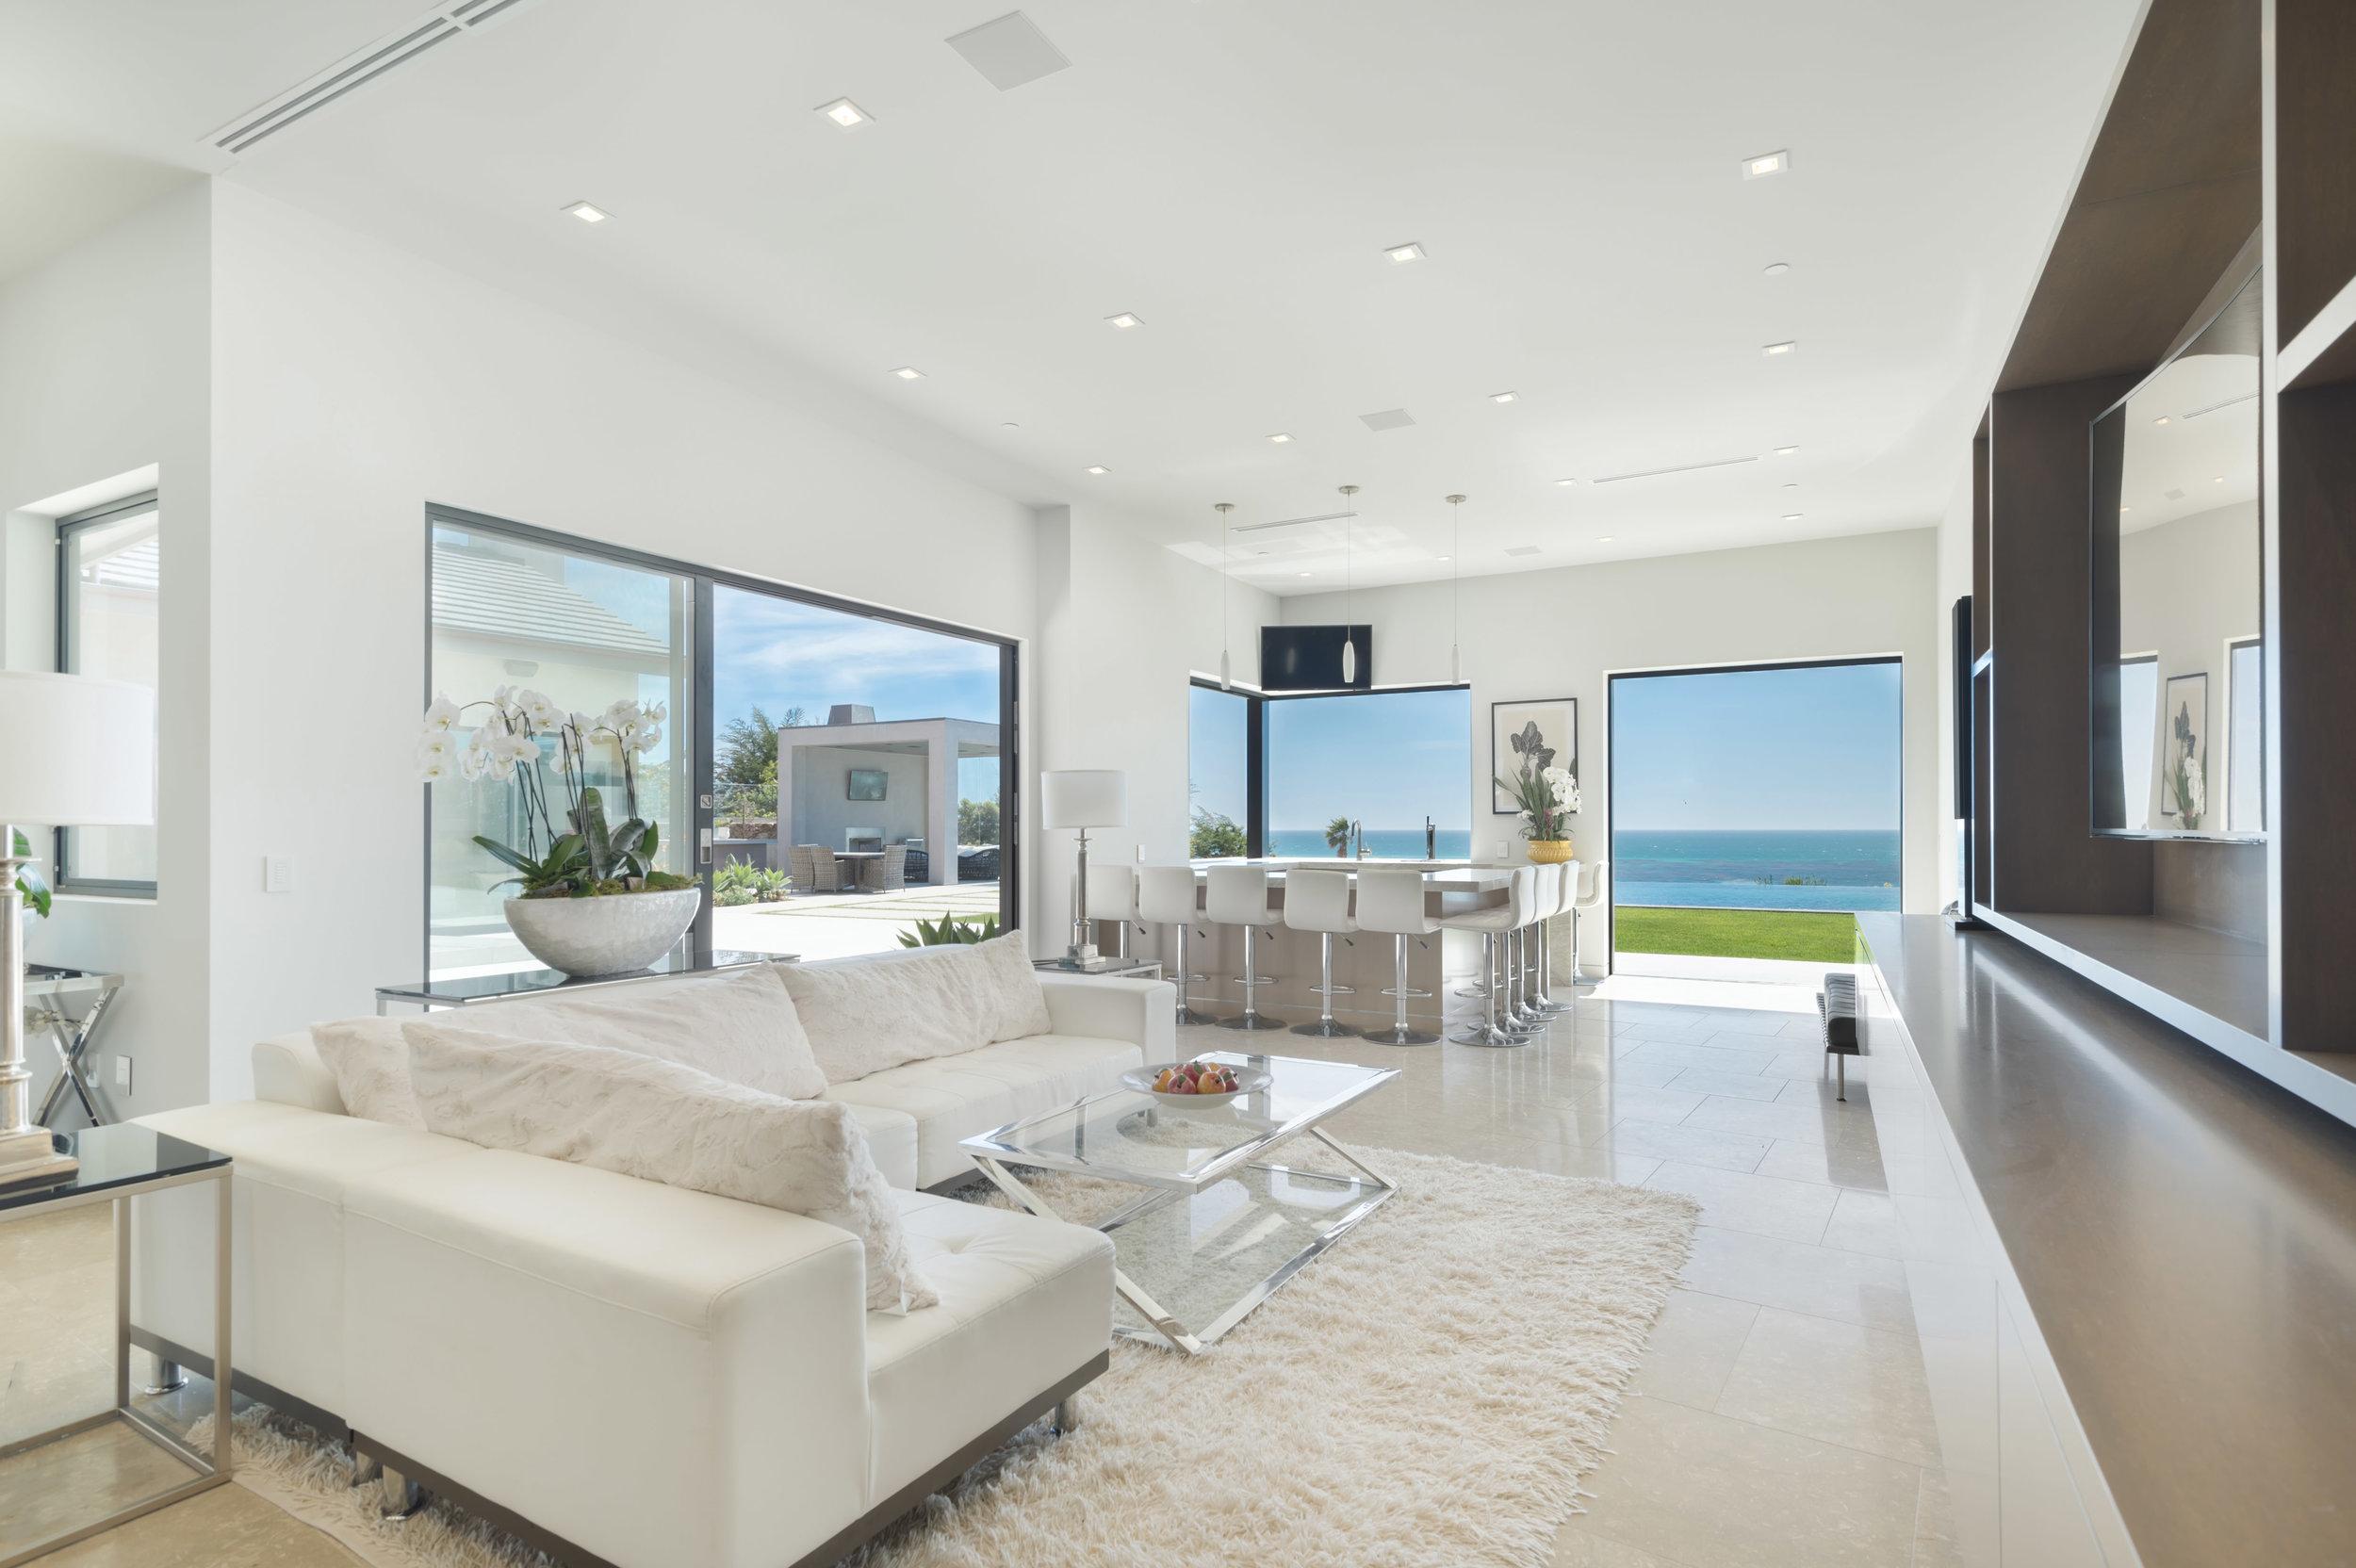 004 living room 1 11902 Ellice Street Malibu For Sale The Malibu Life Team Luxury Real Estate.jpg